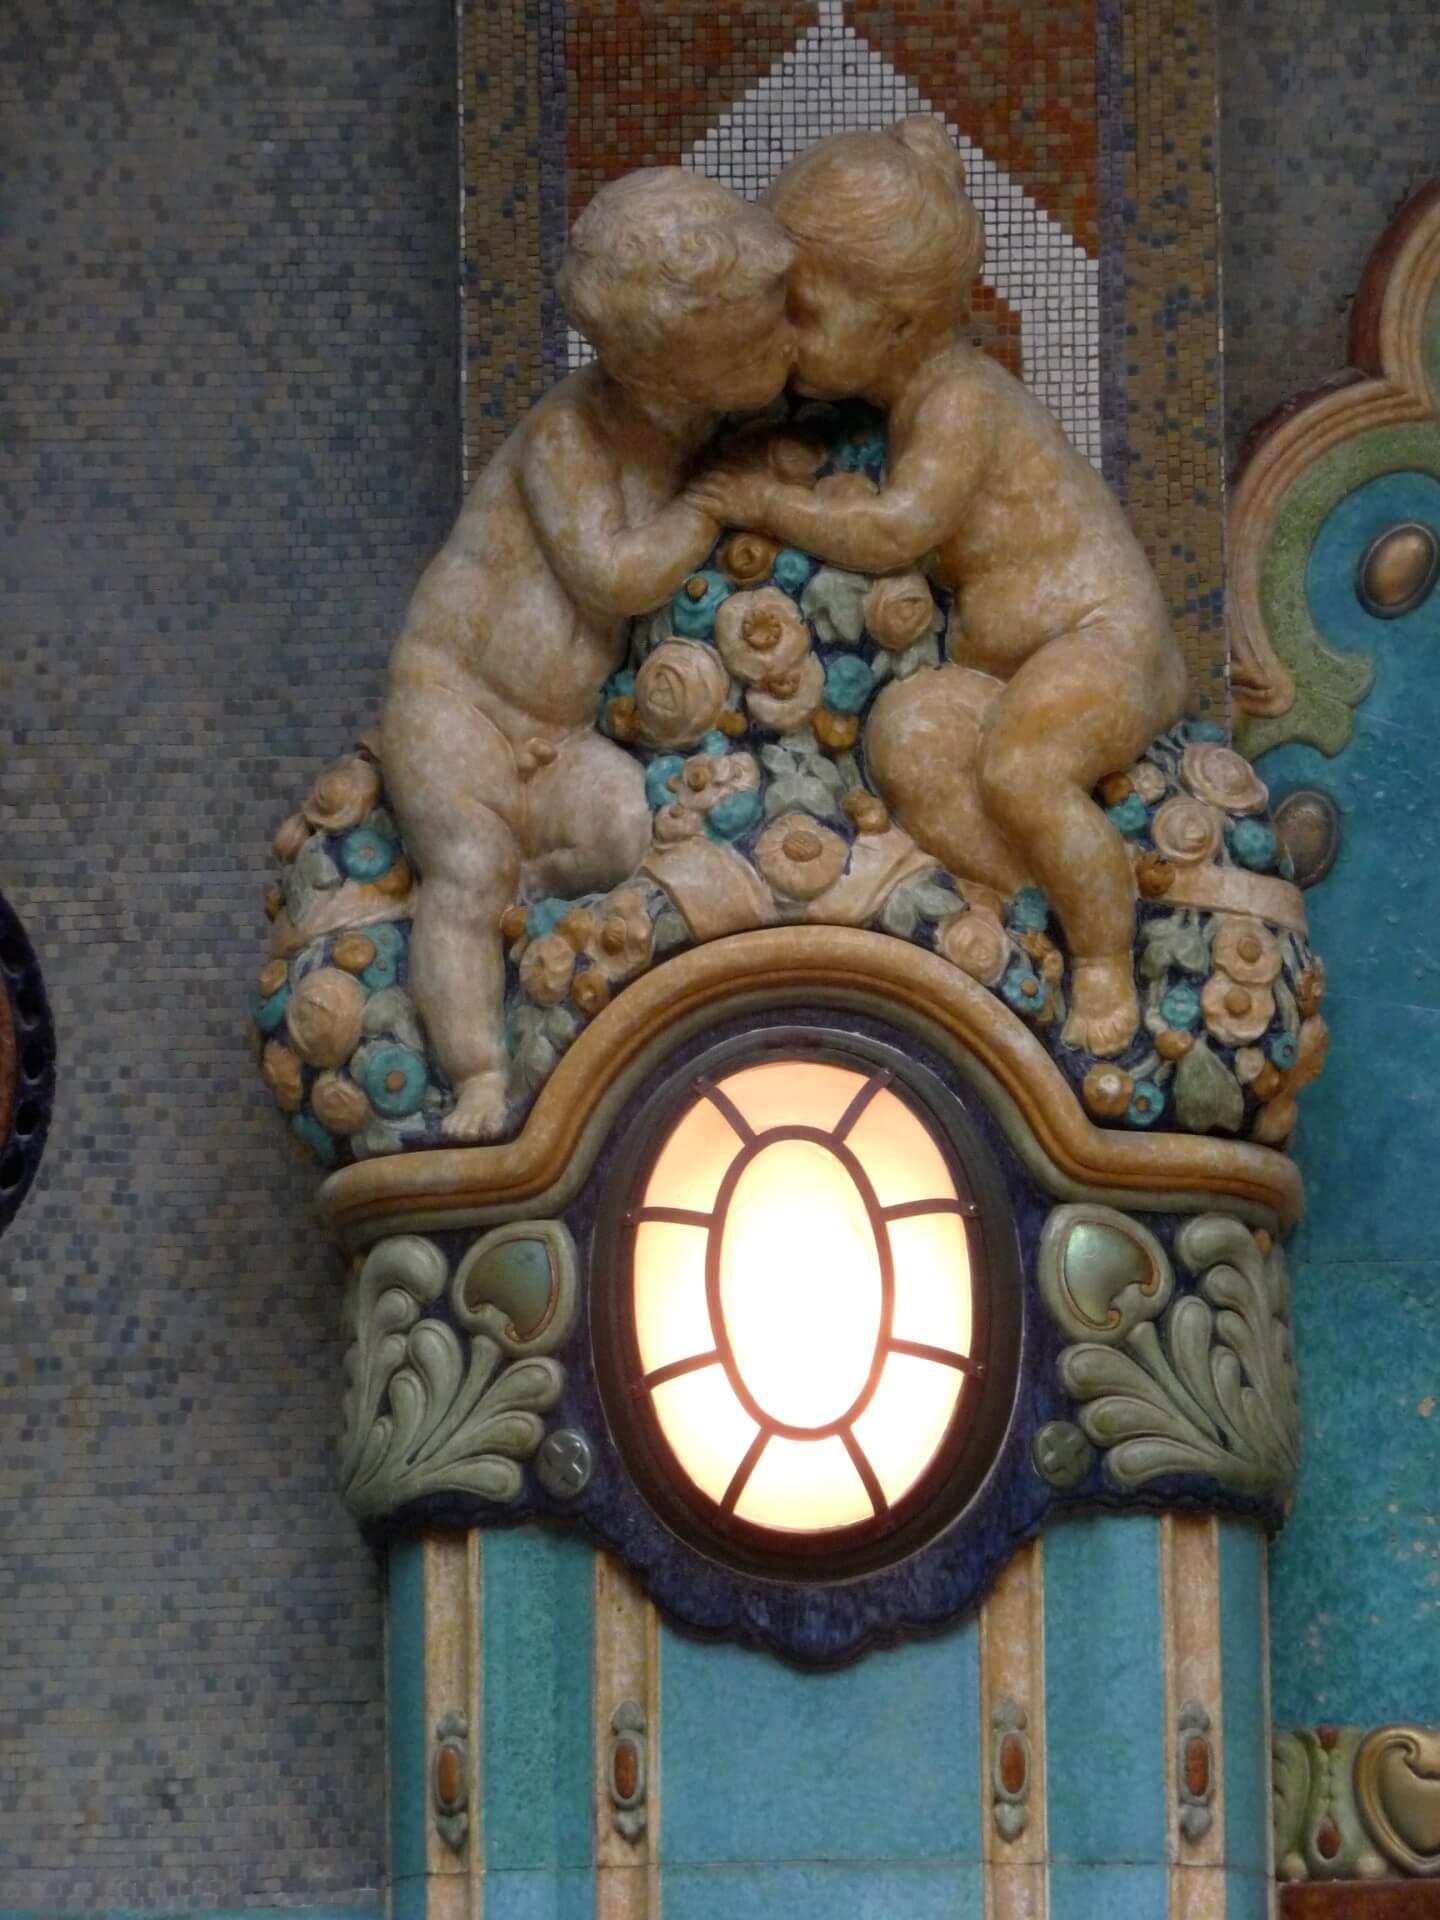 Säulenskulptur im Thermalbereich des Gellertbades Budapest